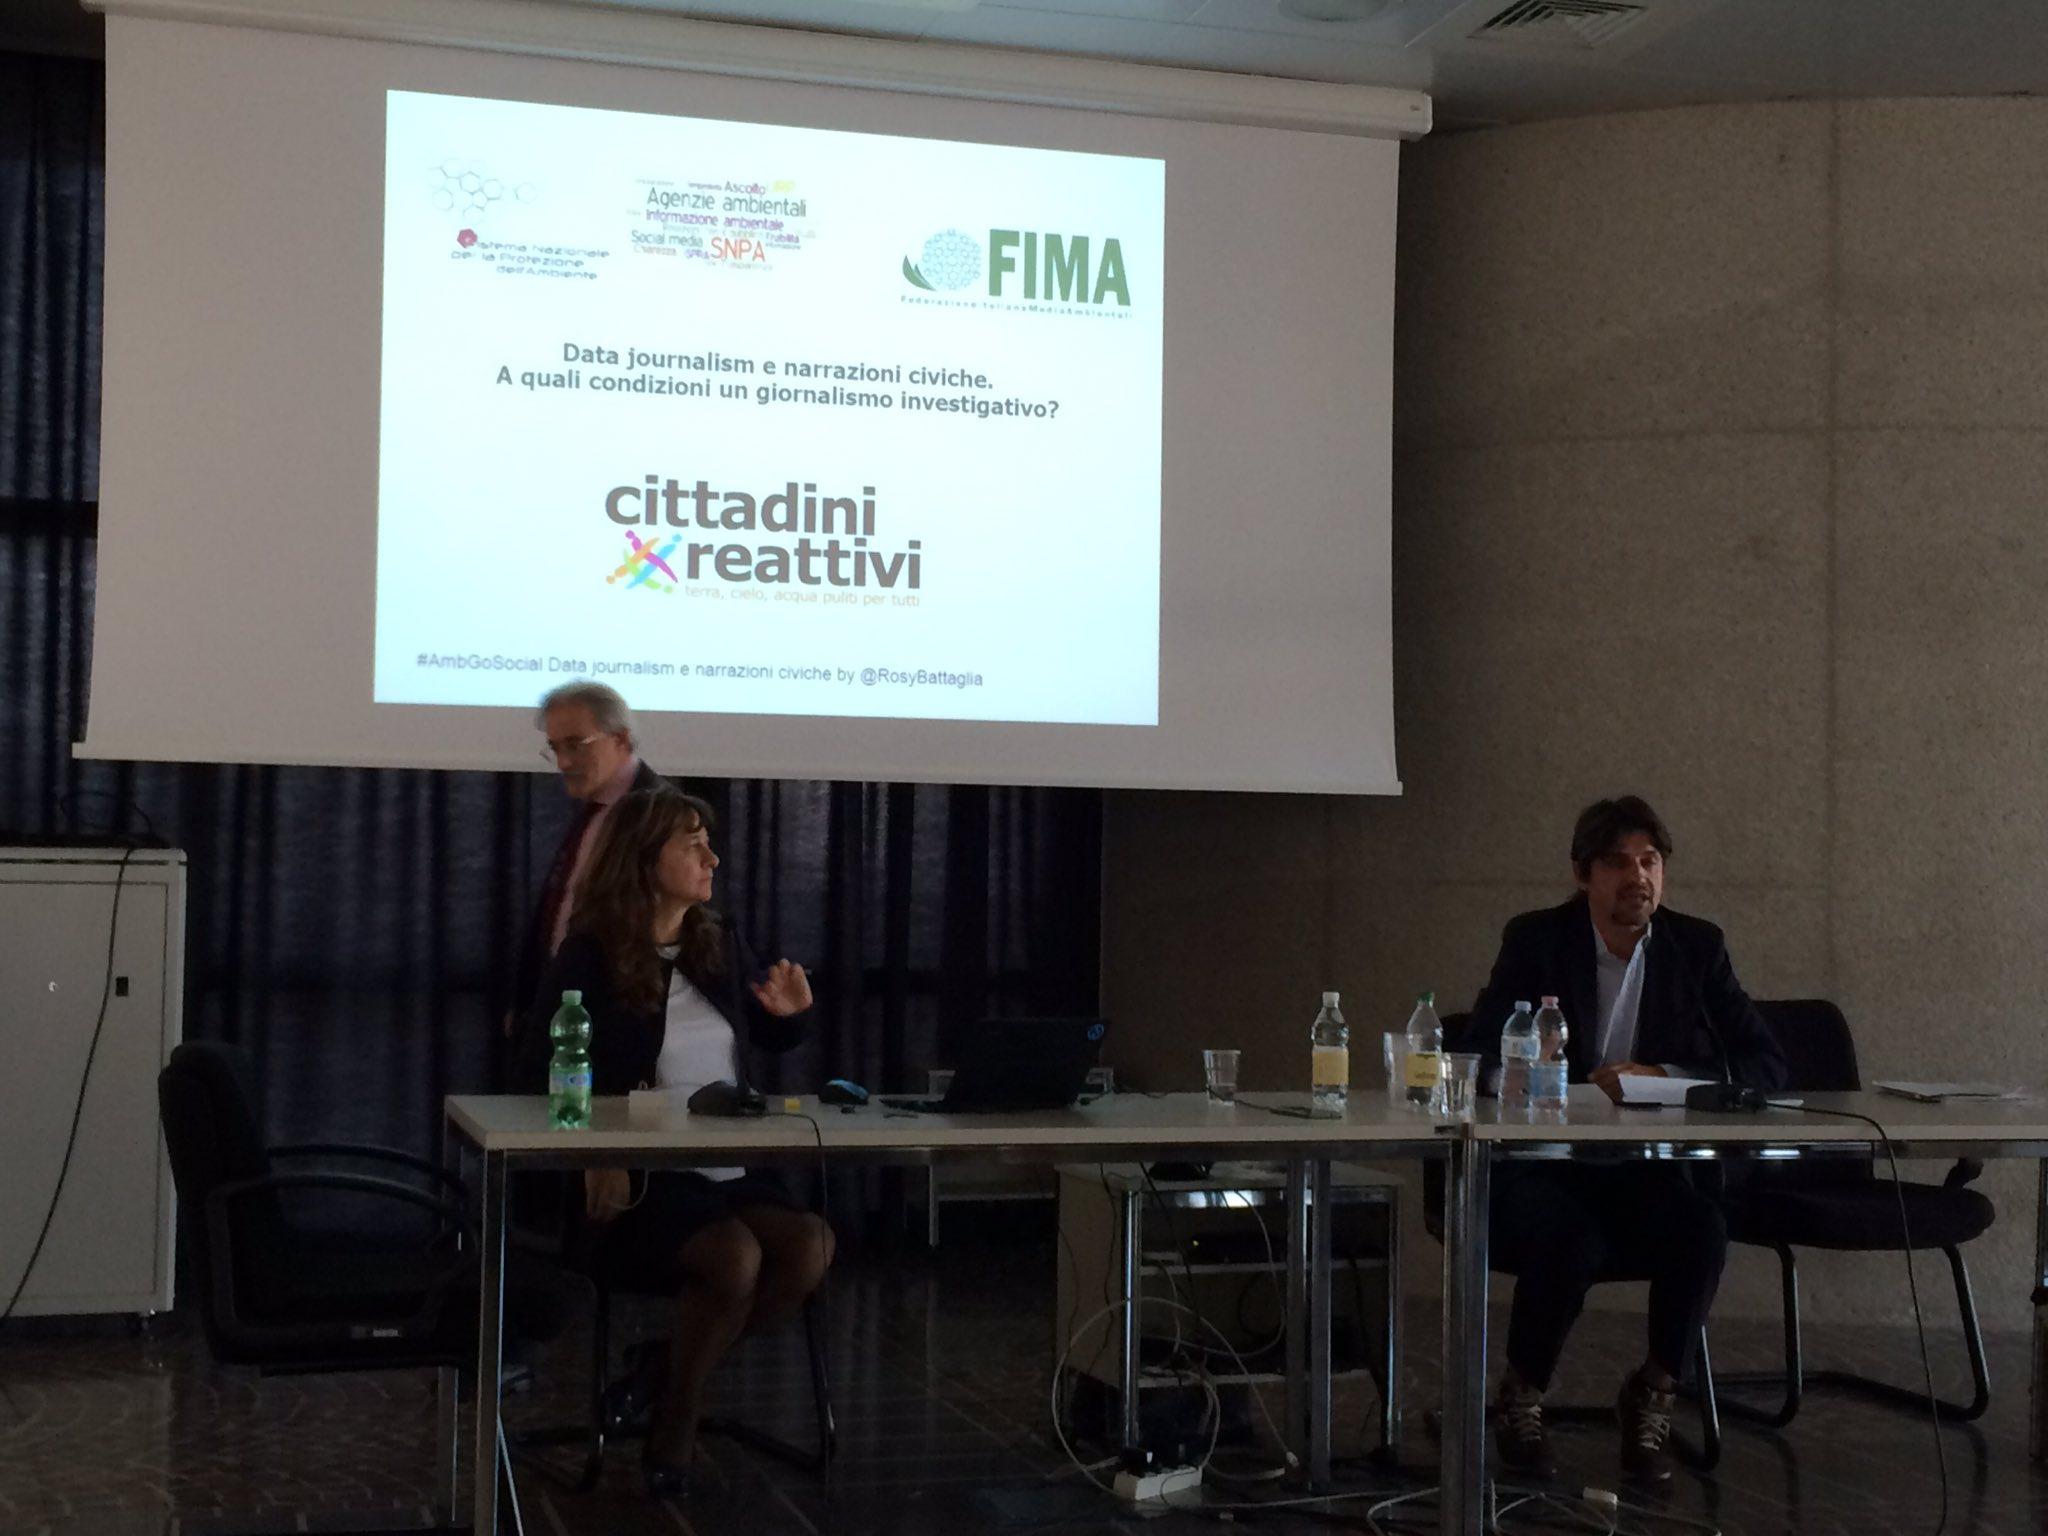 #ambGOsocial #bologna, ora parla @rosybattaglia @Cittadinireatti https://t.co/fAb5RDQ4ql